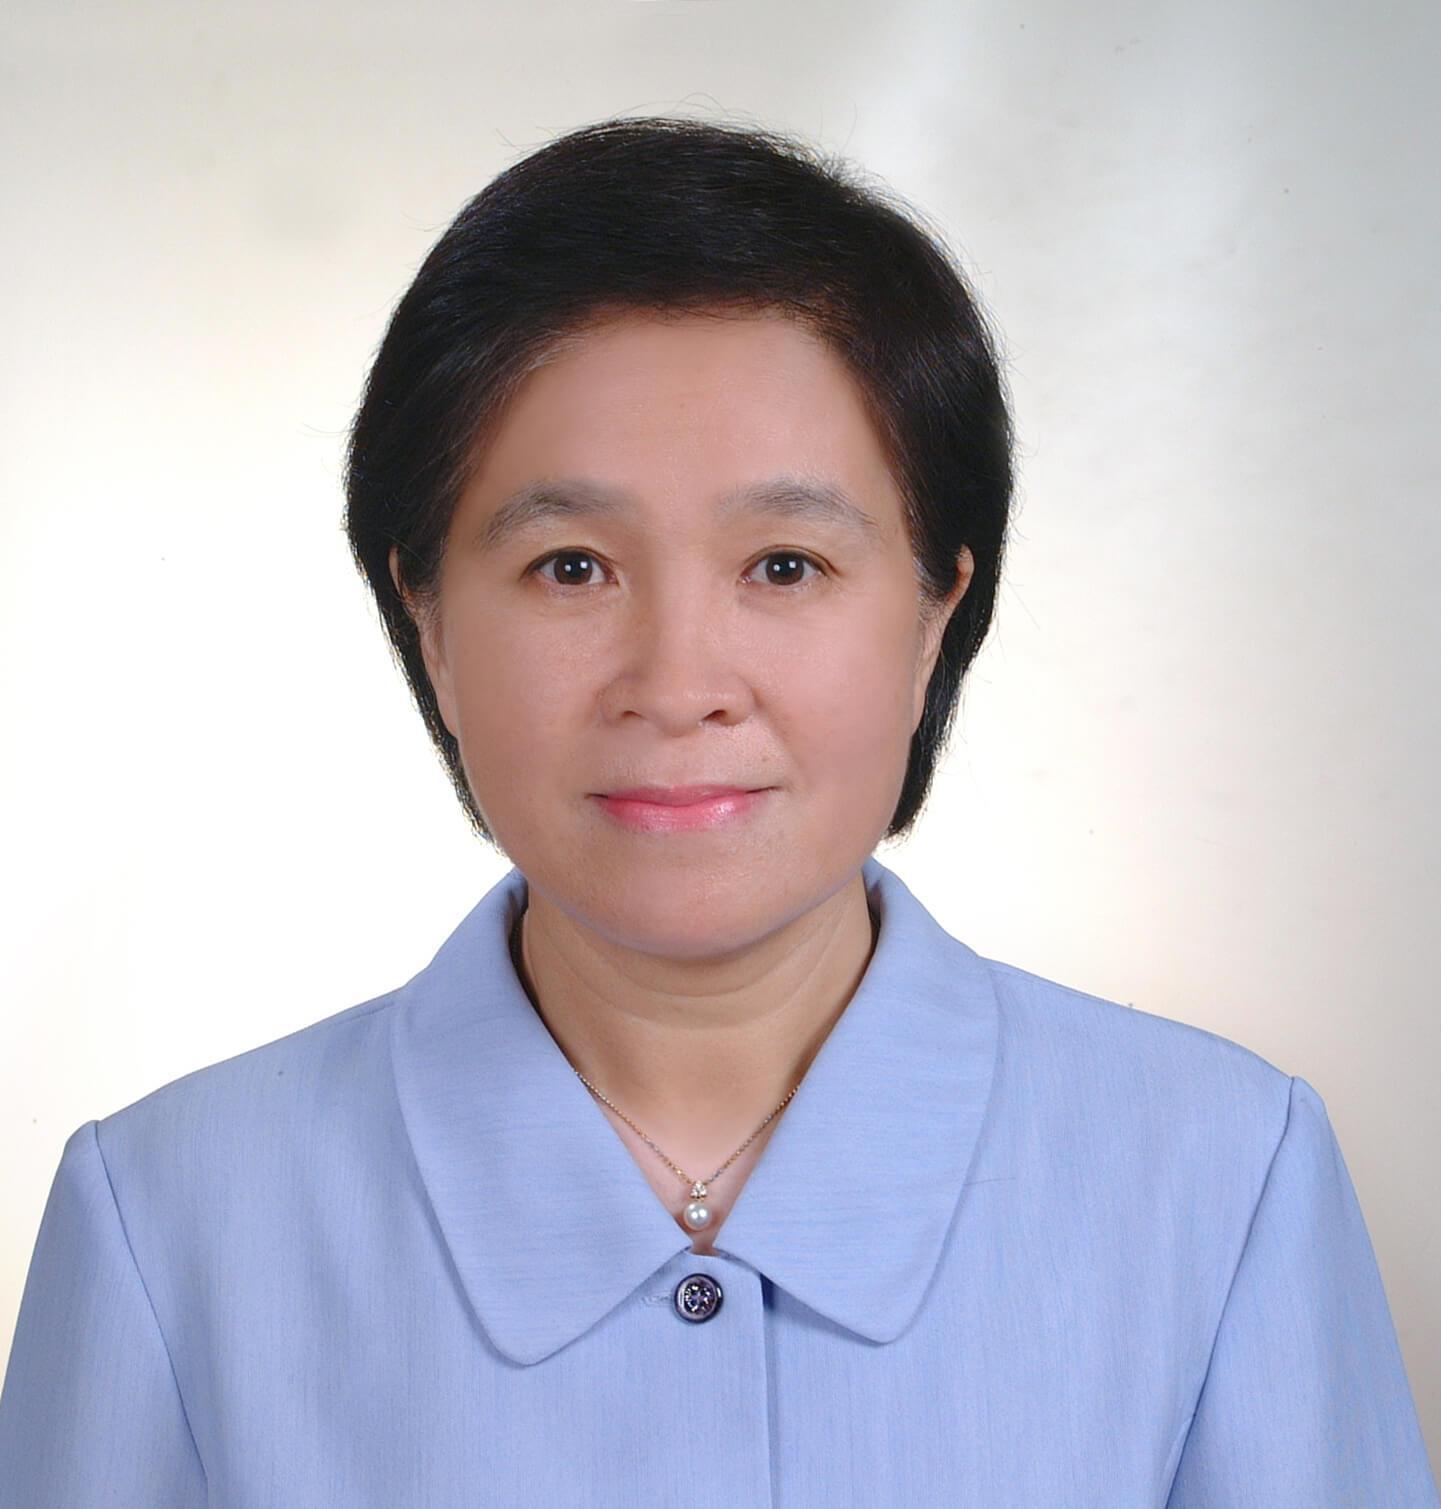 SHU-CHEN CHEN